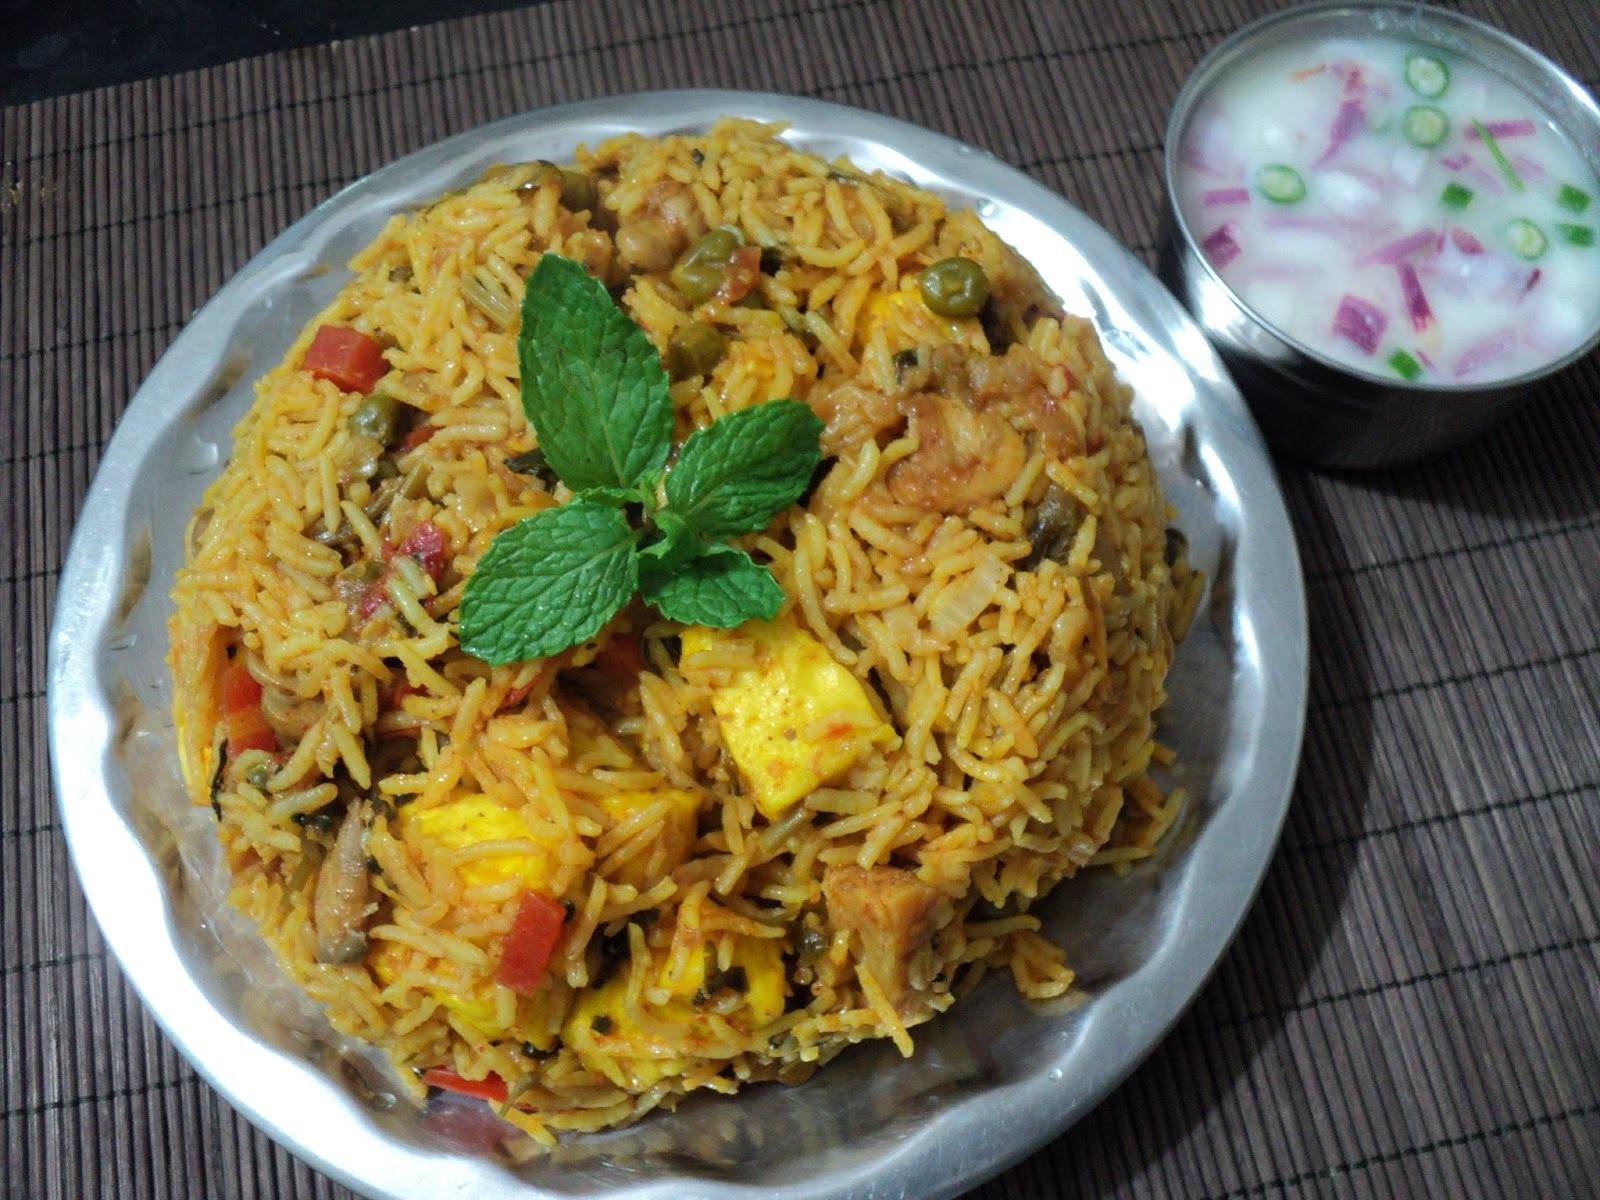 Chettinad Veg Biriyani